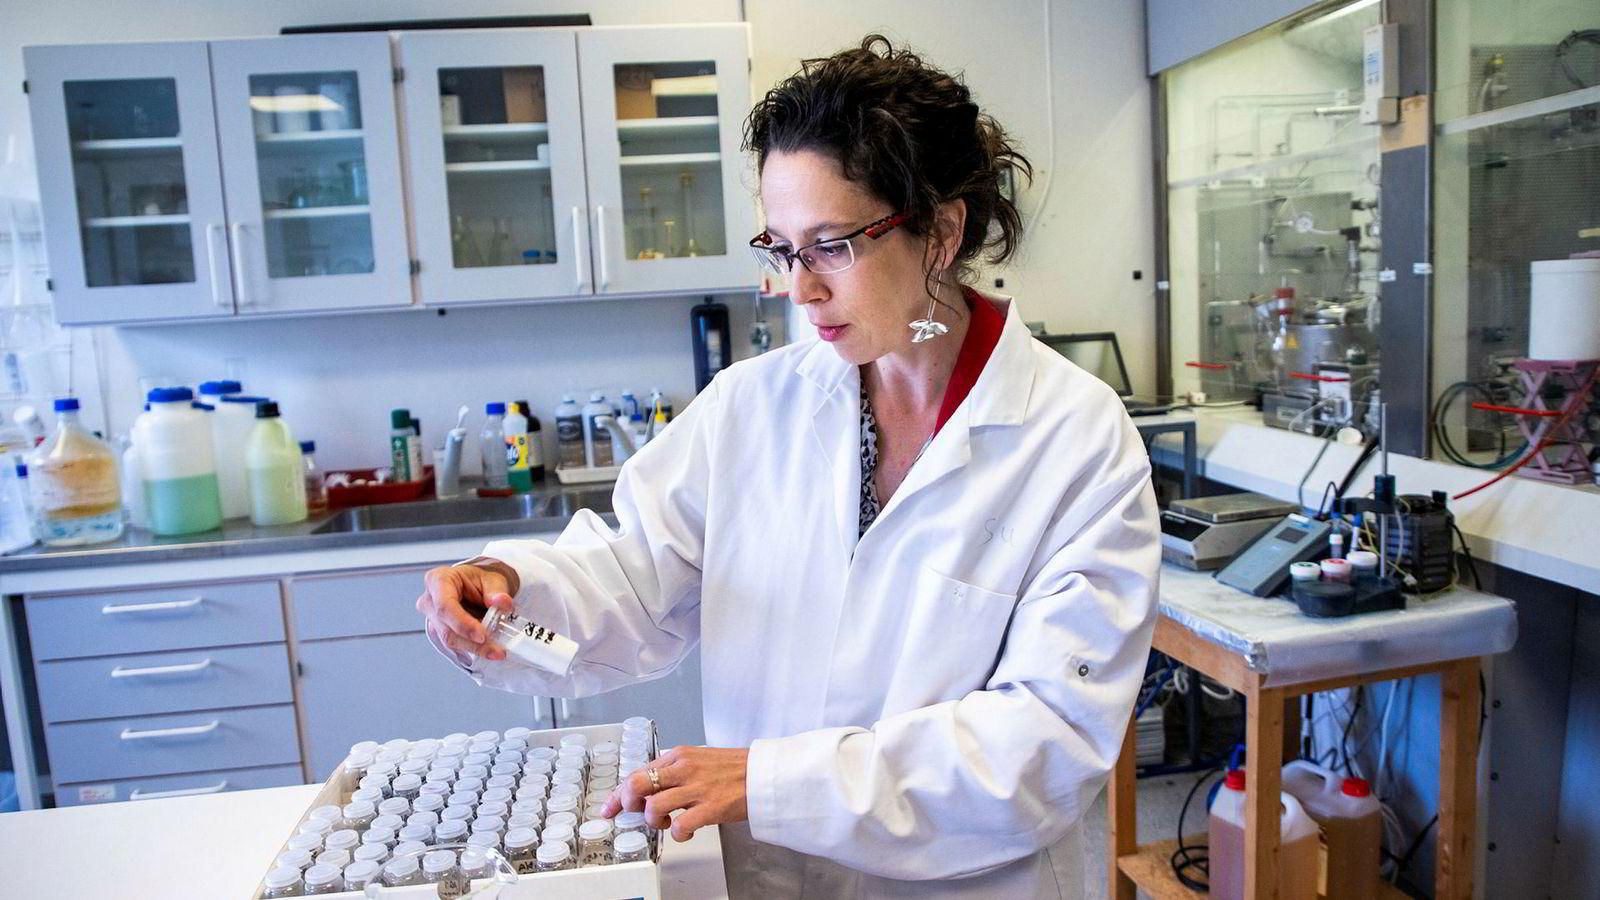 Med doktorgrad i CO2-fangst leder forsker Suni Aranda prosjektet som sikter mot utvinning av alumina på en måte som bruker mer CO2 enn det slipper ut og er uten farlige avfallsstoffer.